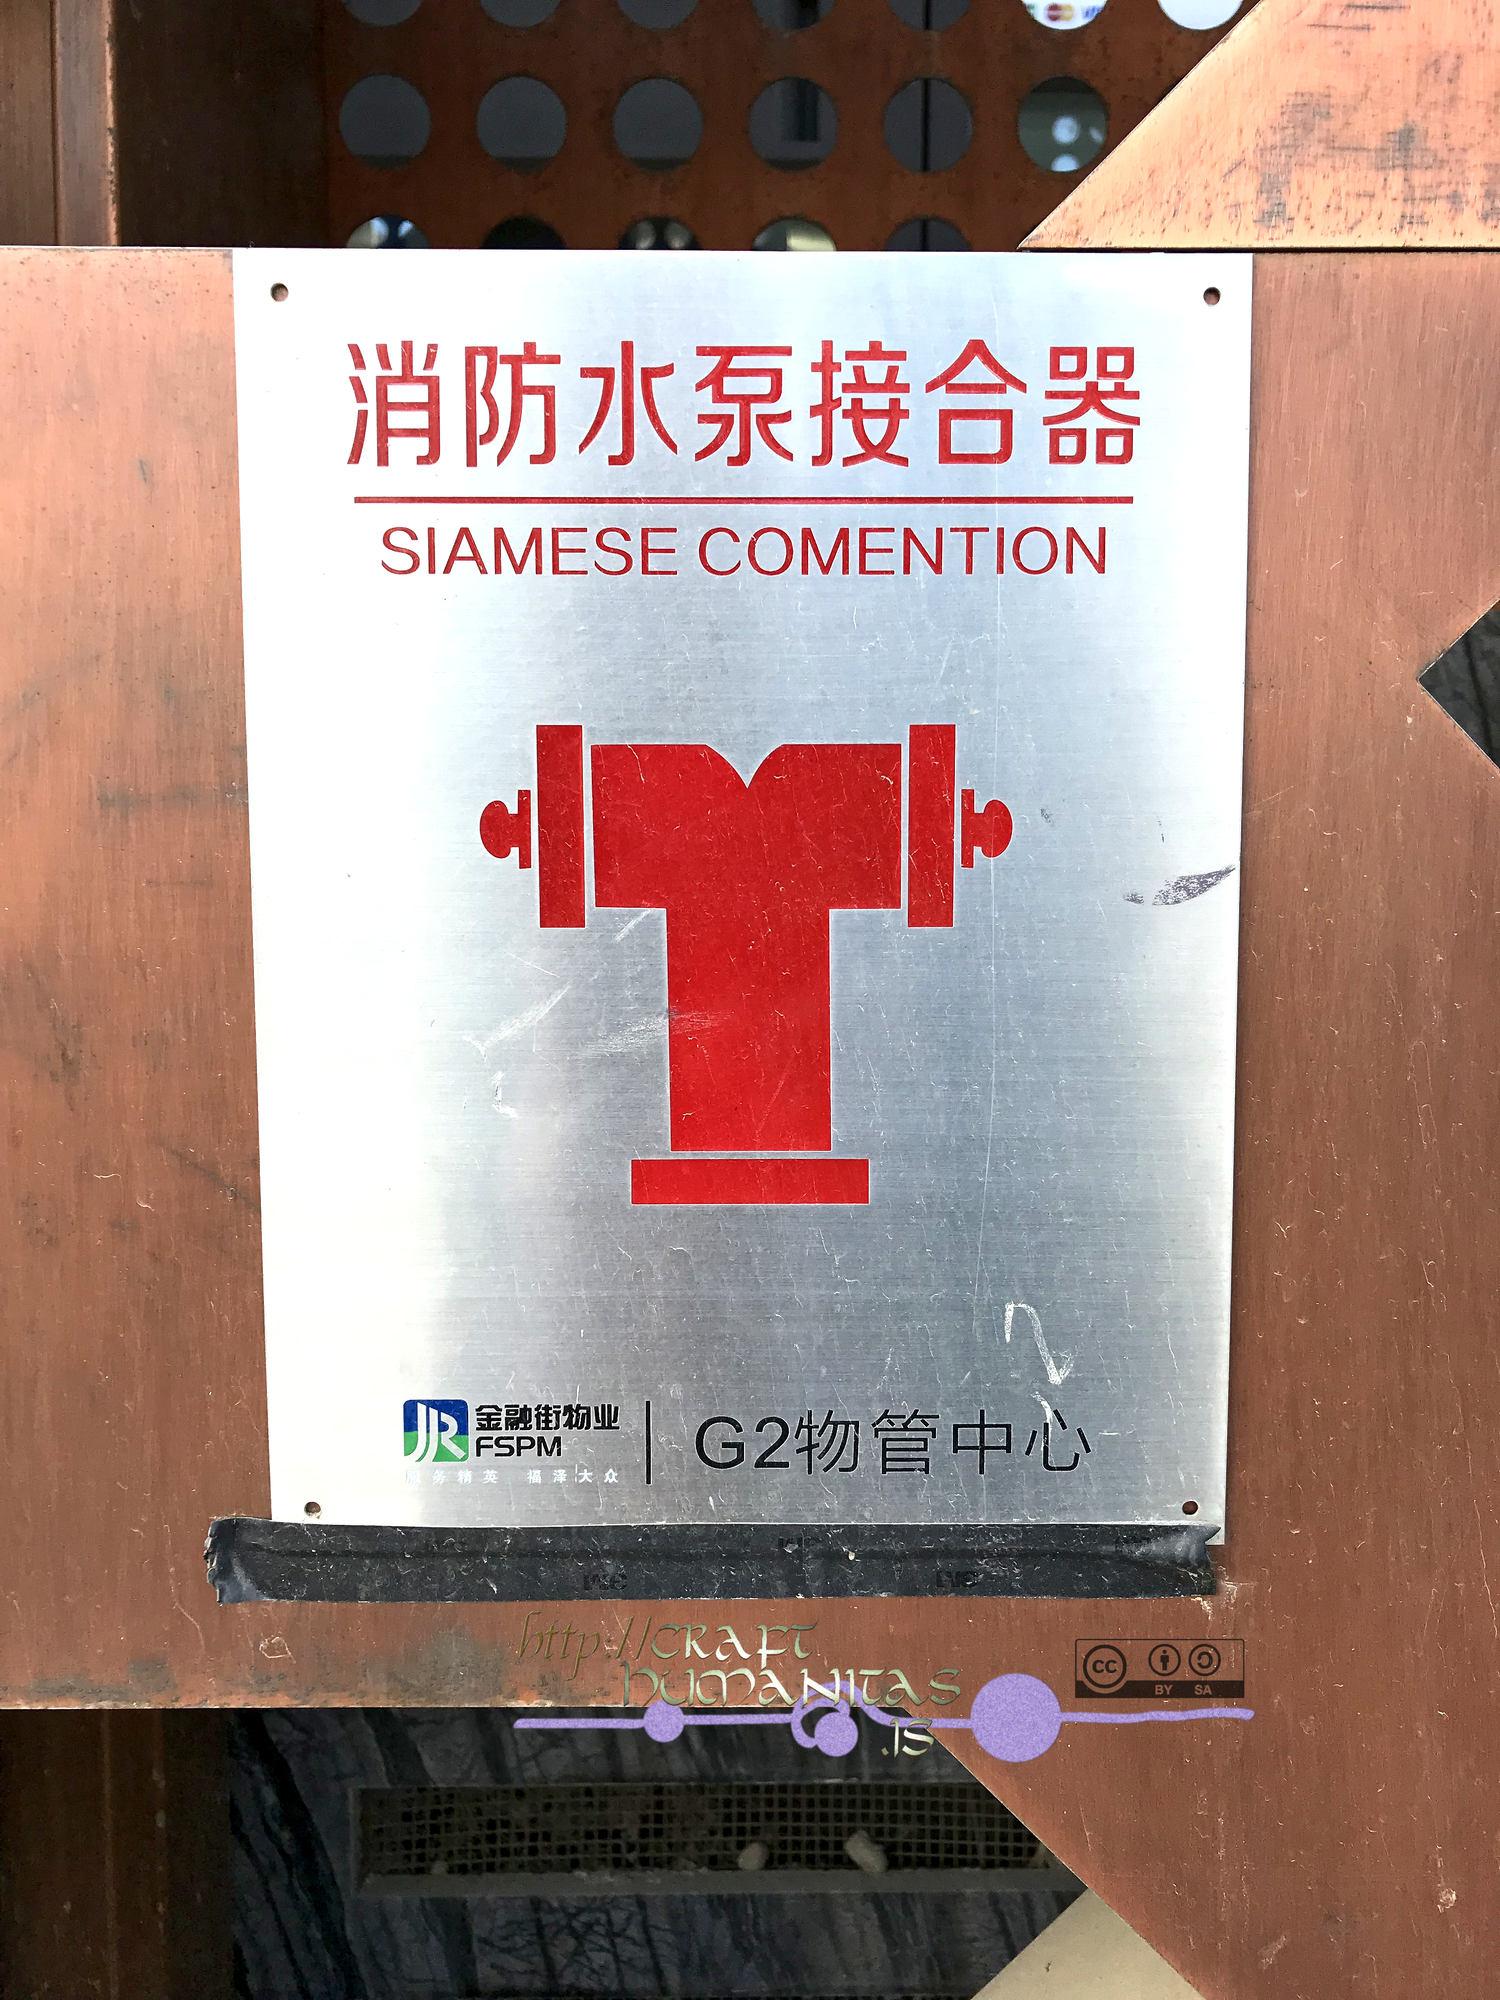 Chinglish marzo 2019.jpg